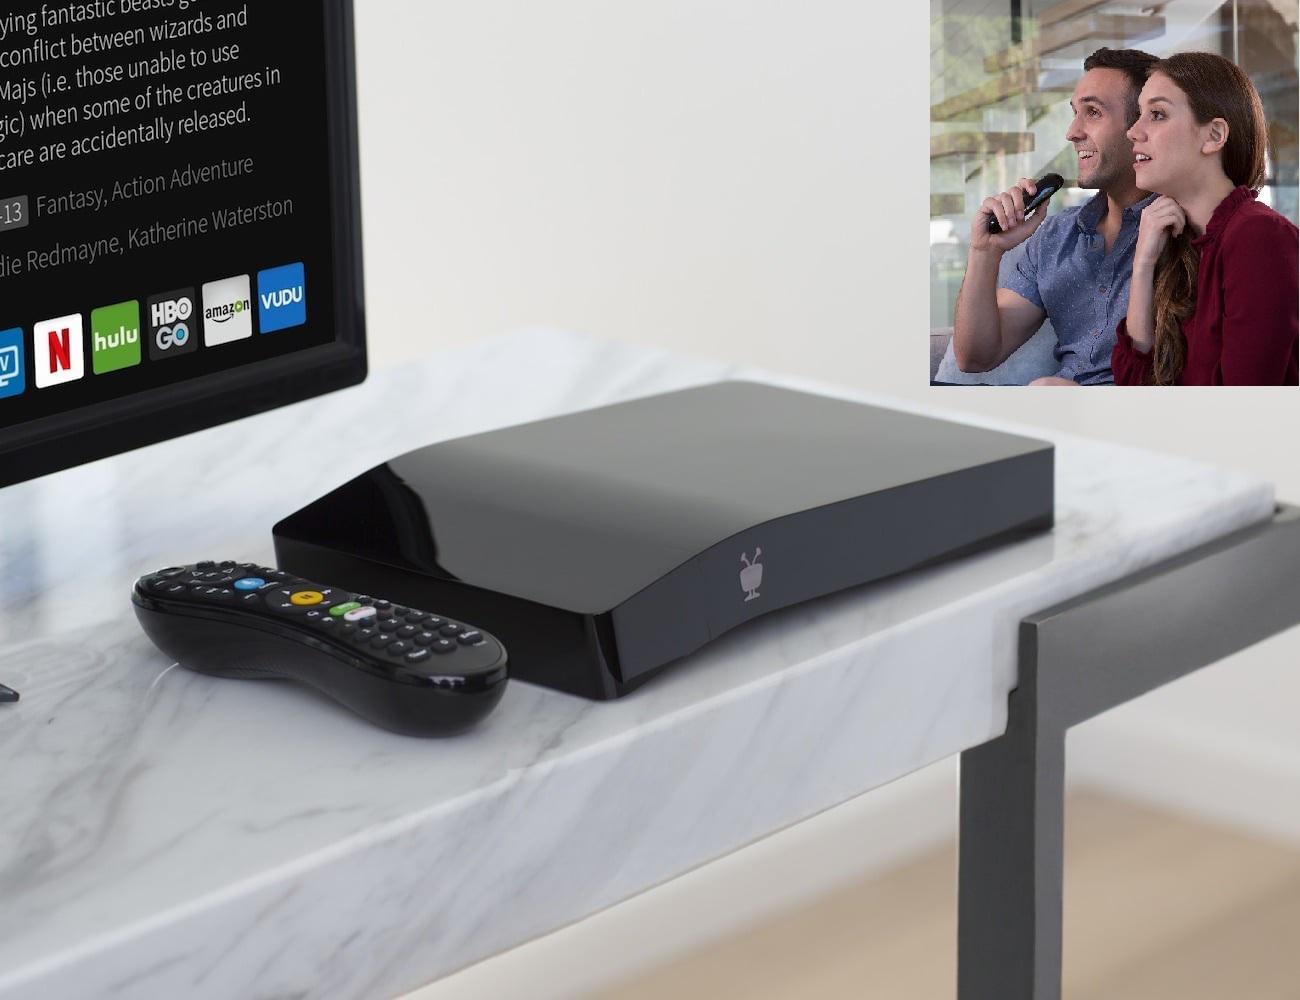 telecomando vocale - Tv. TiVo lancia dispositivi con voice control: telecomando vocale per cambiare programma